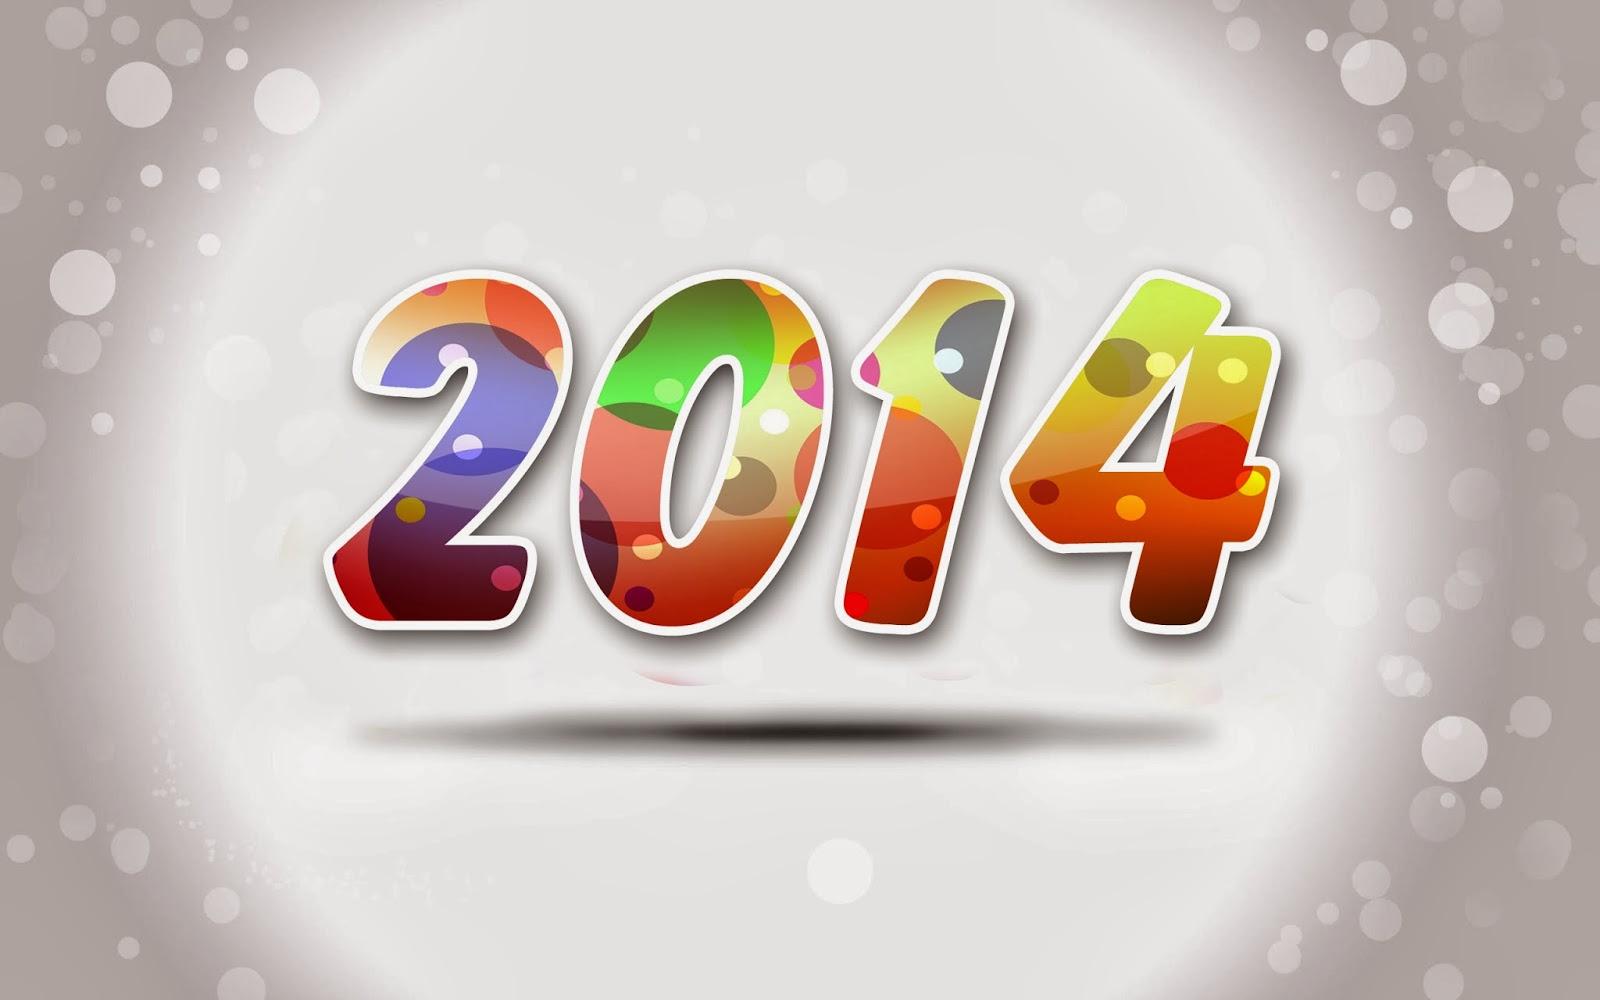 2014 <b>New Year</b> 3D <b>Wallpapers</b> | Happy <b>New Year</b> HQ <b>Wallpaper</b> for ...